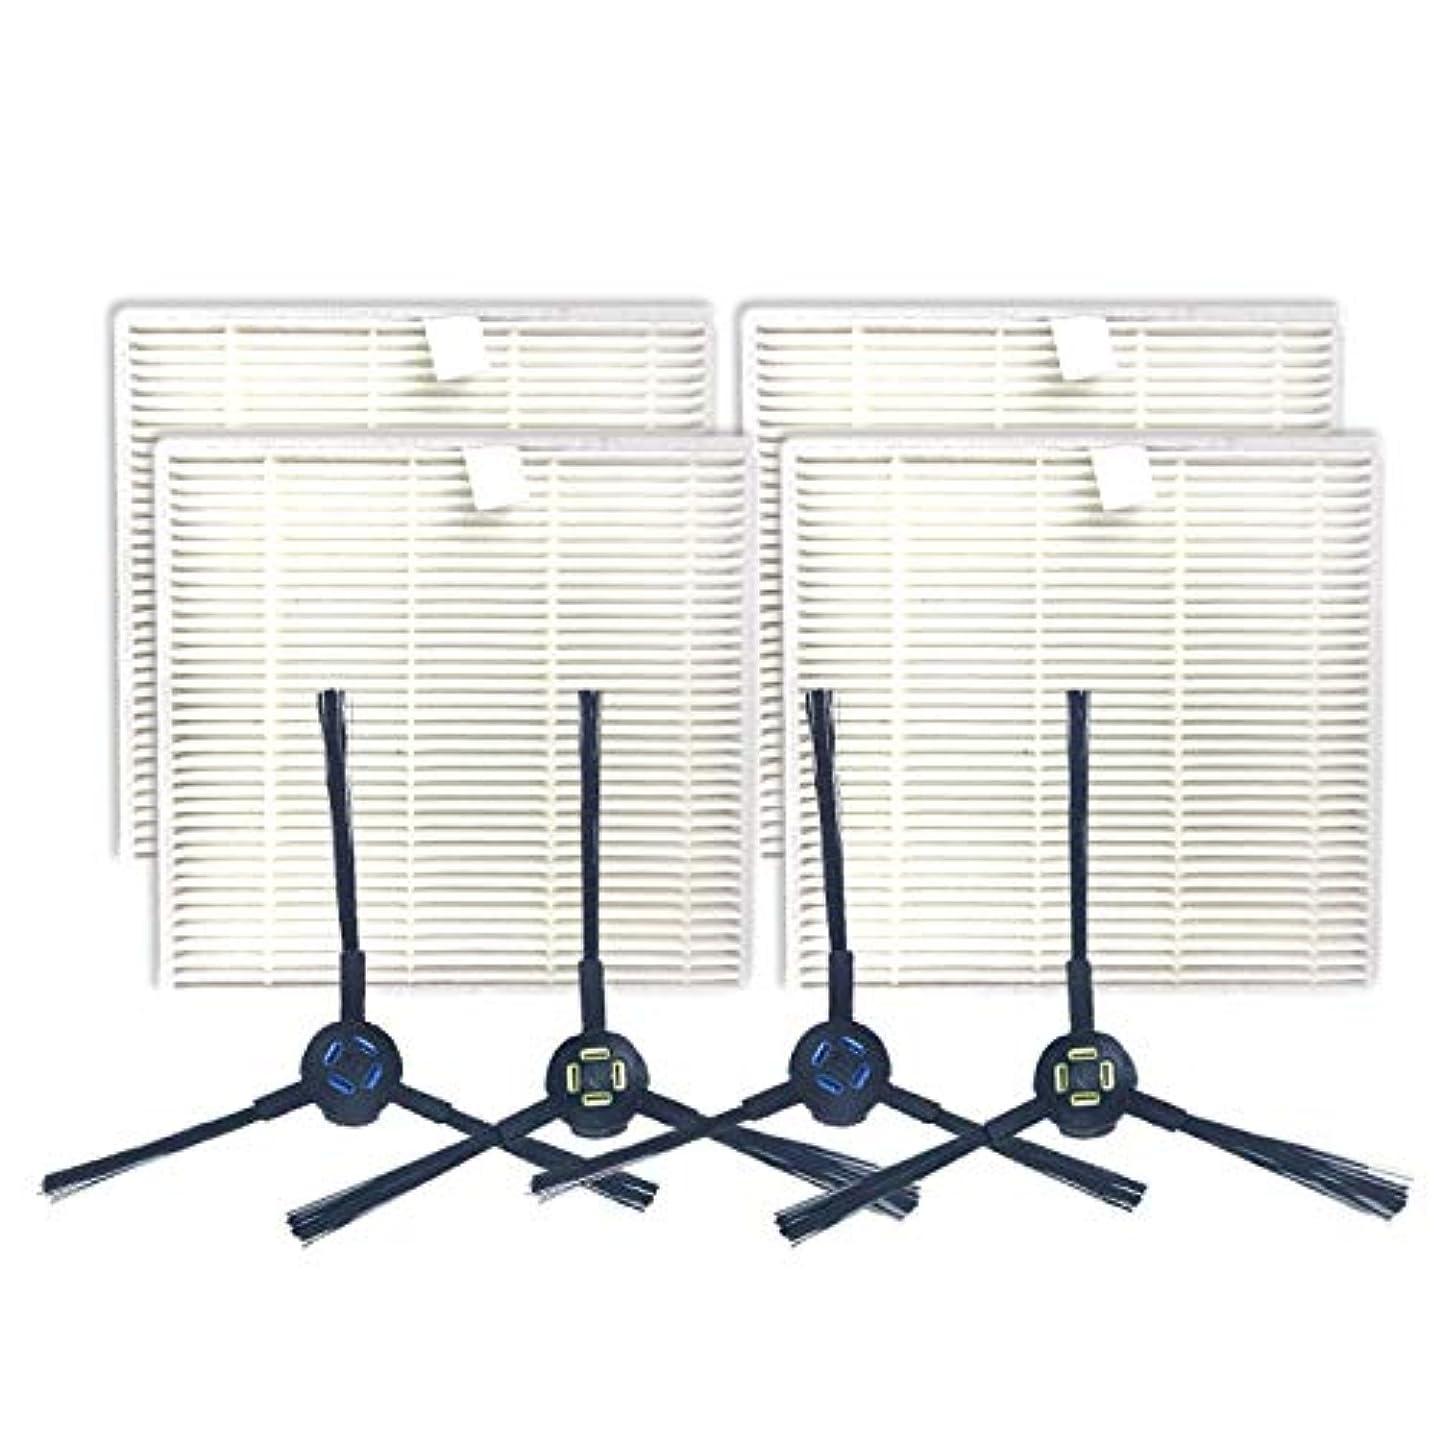 太字ウォーターフロント注入ホーム&キッチン XI282 2ペアI258サイドブラシ+ 4 PCS I206フィルター(ILIFE V8S用) クリーニング用品